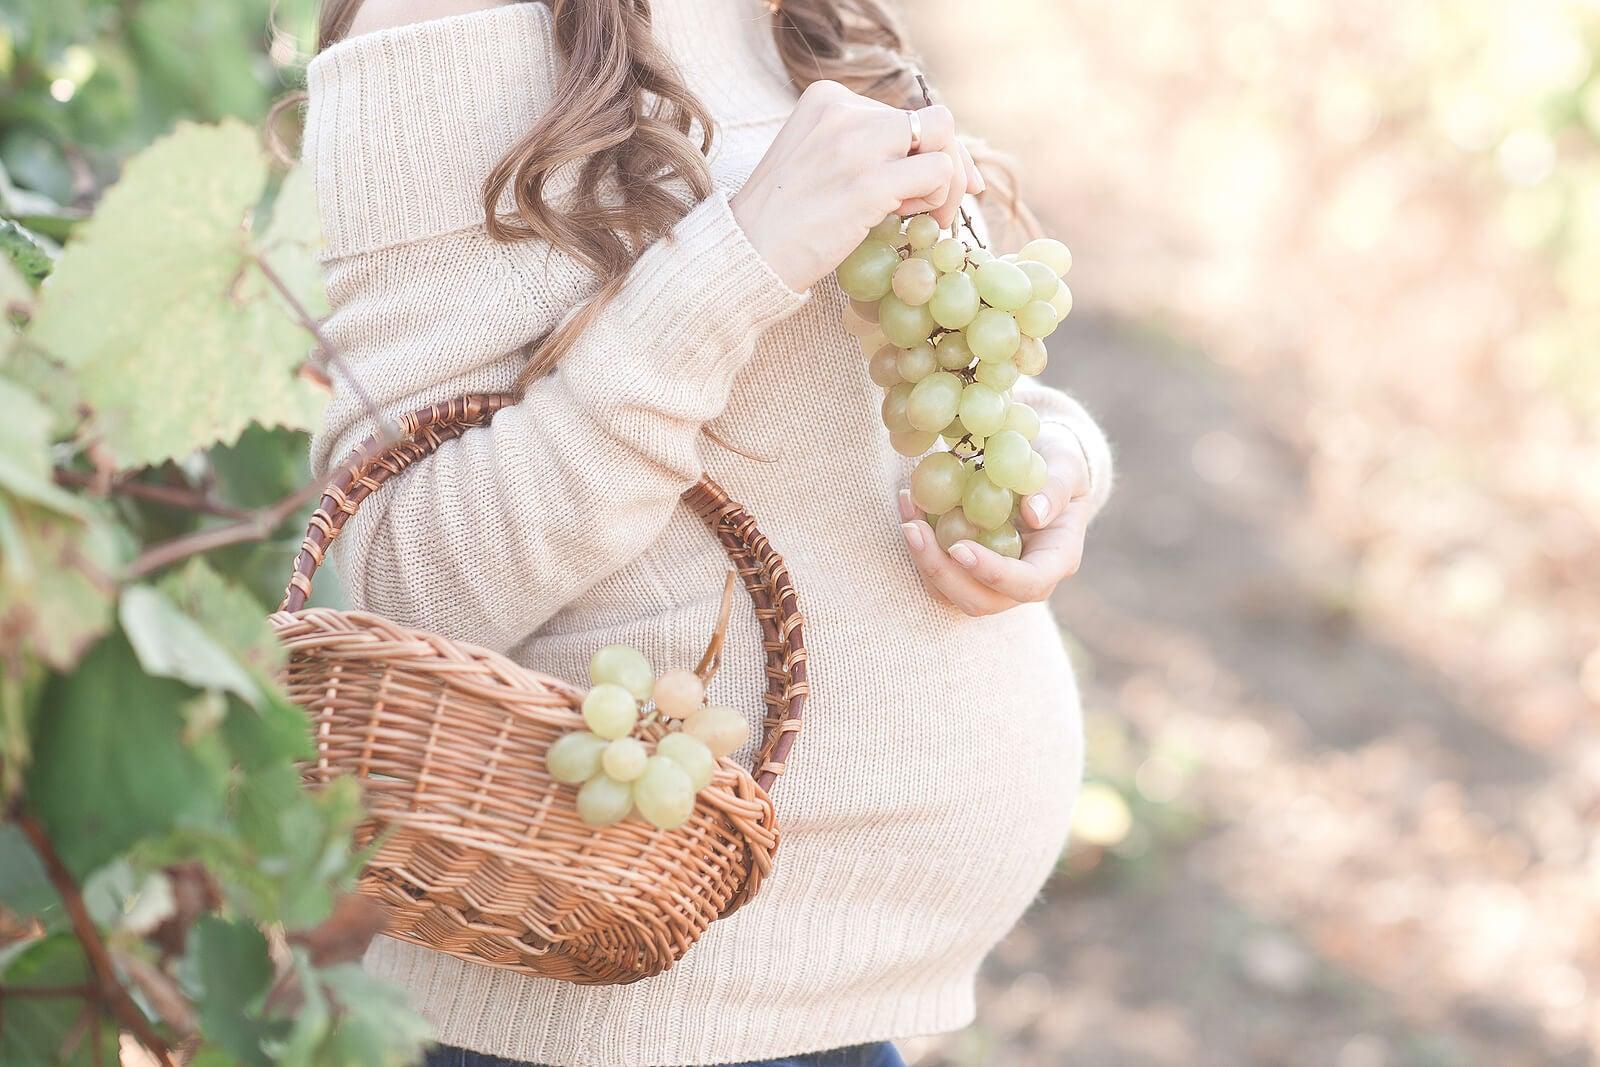 ¿Por qué es bueno comer uva en el embarazo?